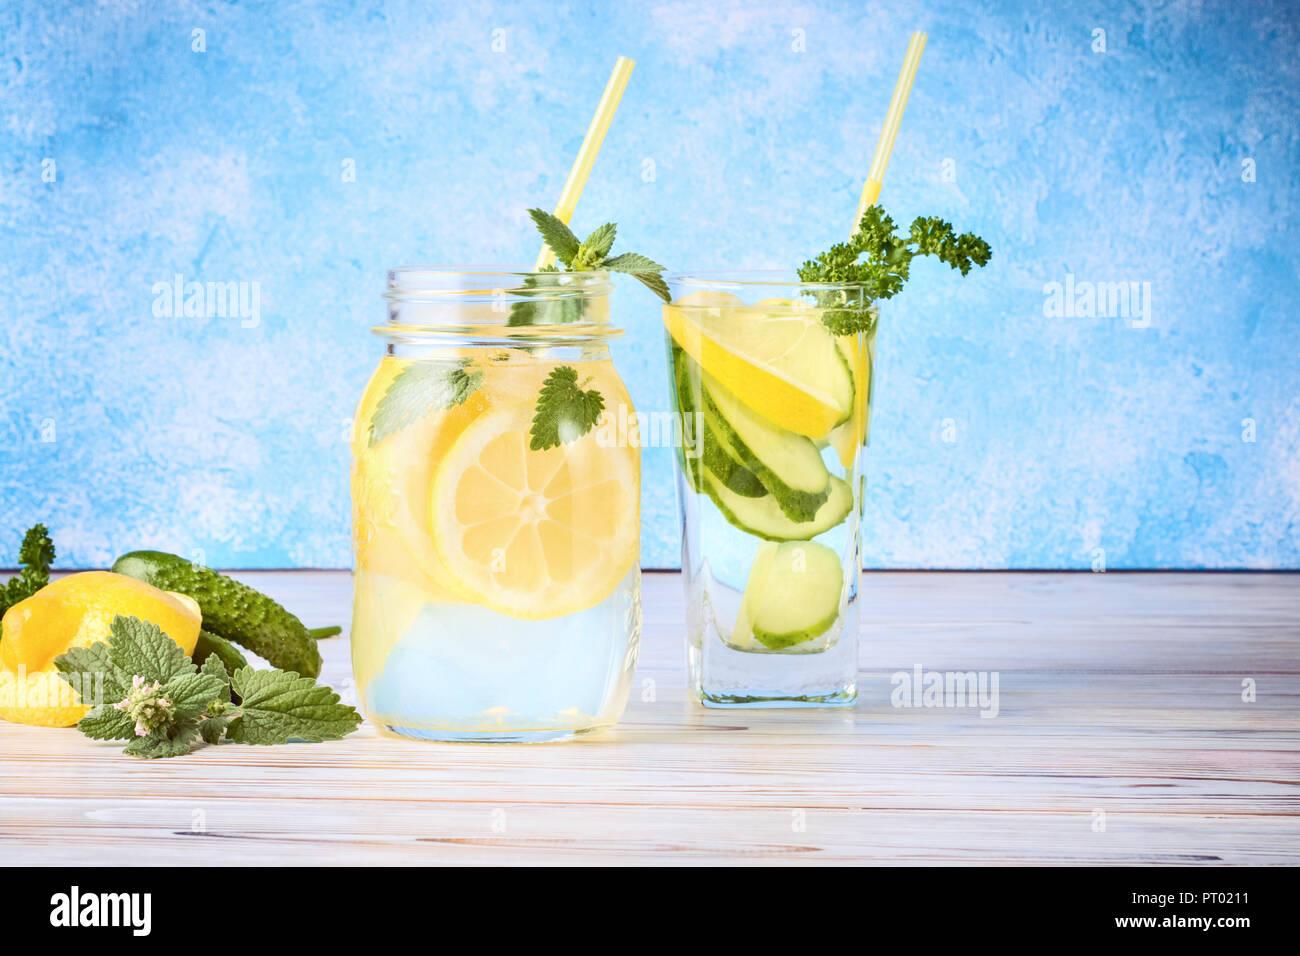 Set di due popolari dieta detox drinks per la detersione antiossidante acqua di cetriolo e limonata con foglie di menta cibo fatto in casa Concept Immagini Stock